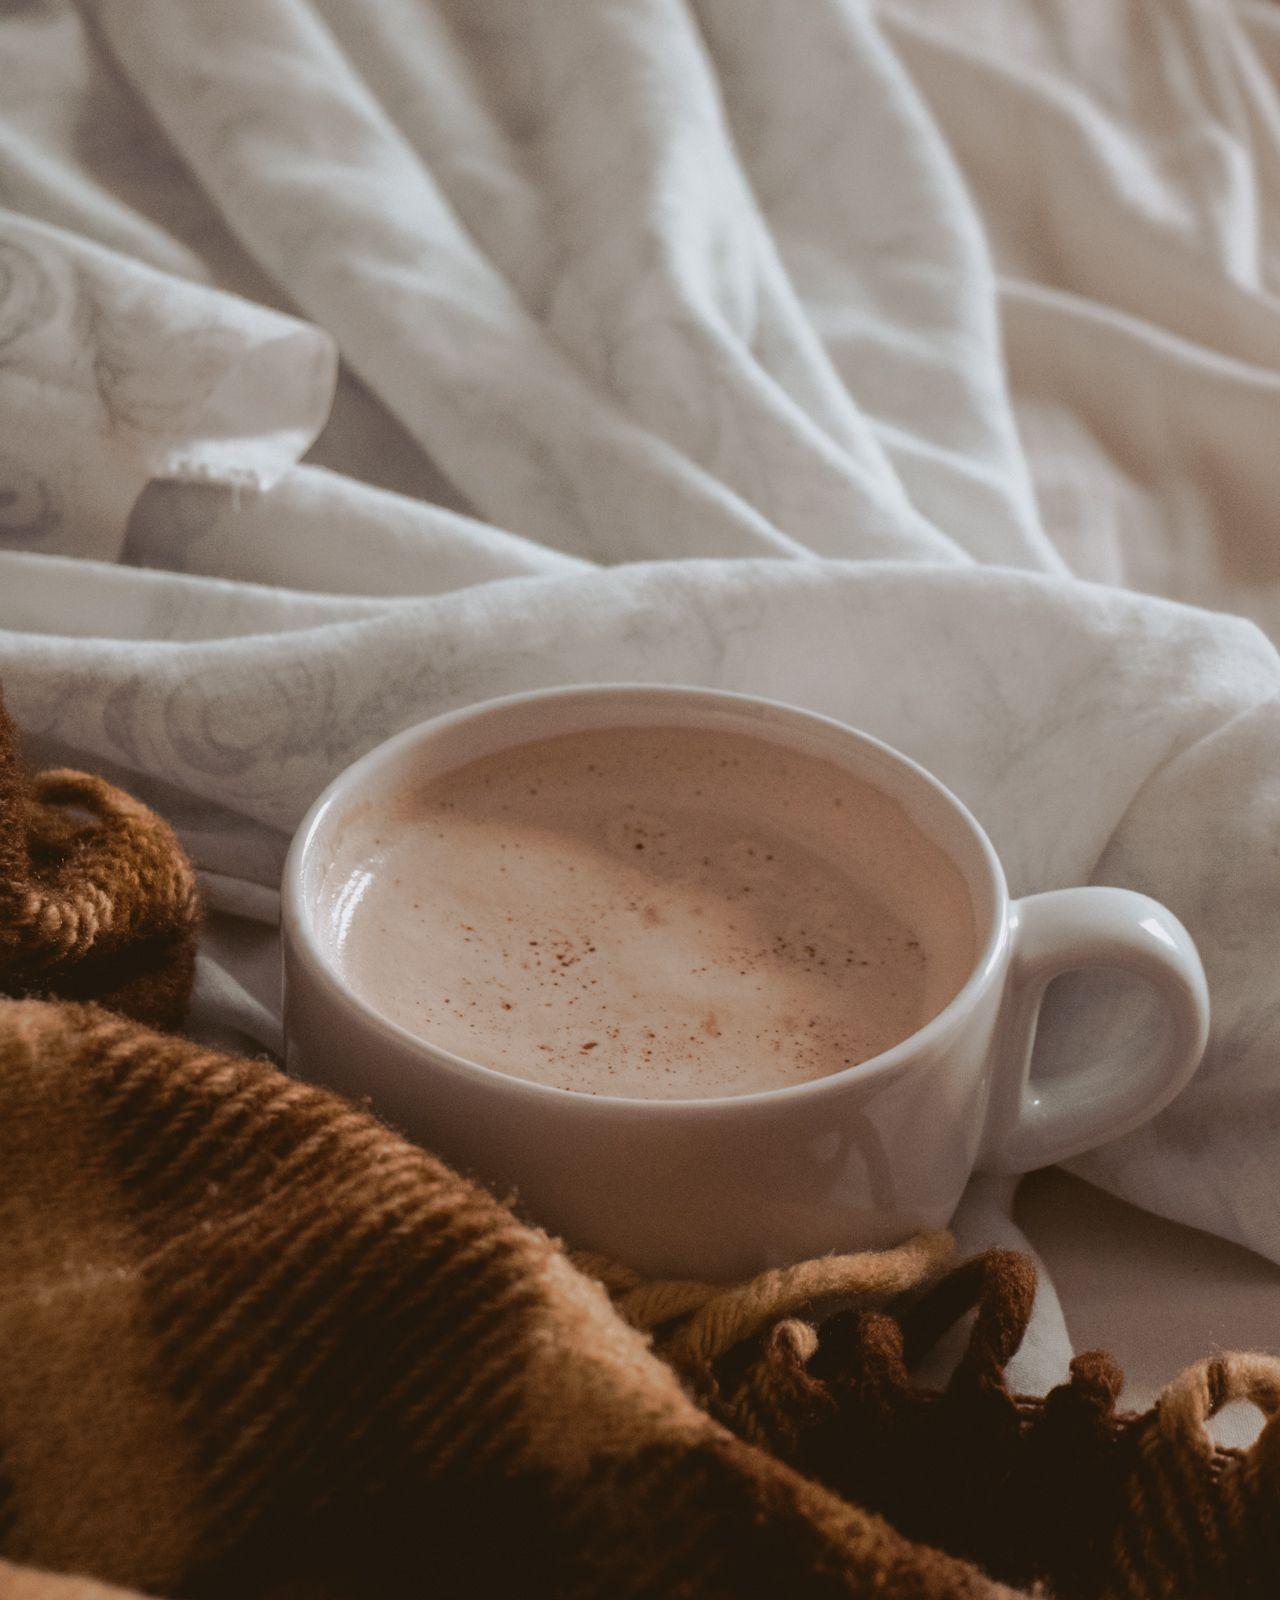 Tardes de outono | cozy and comfy days leite quente